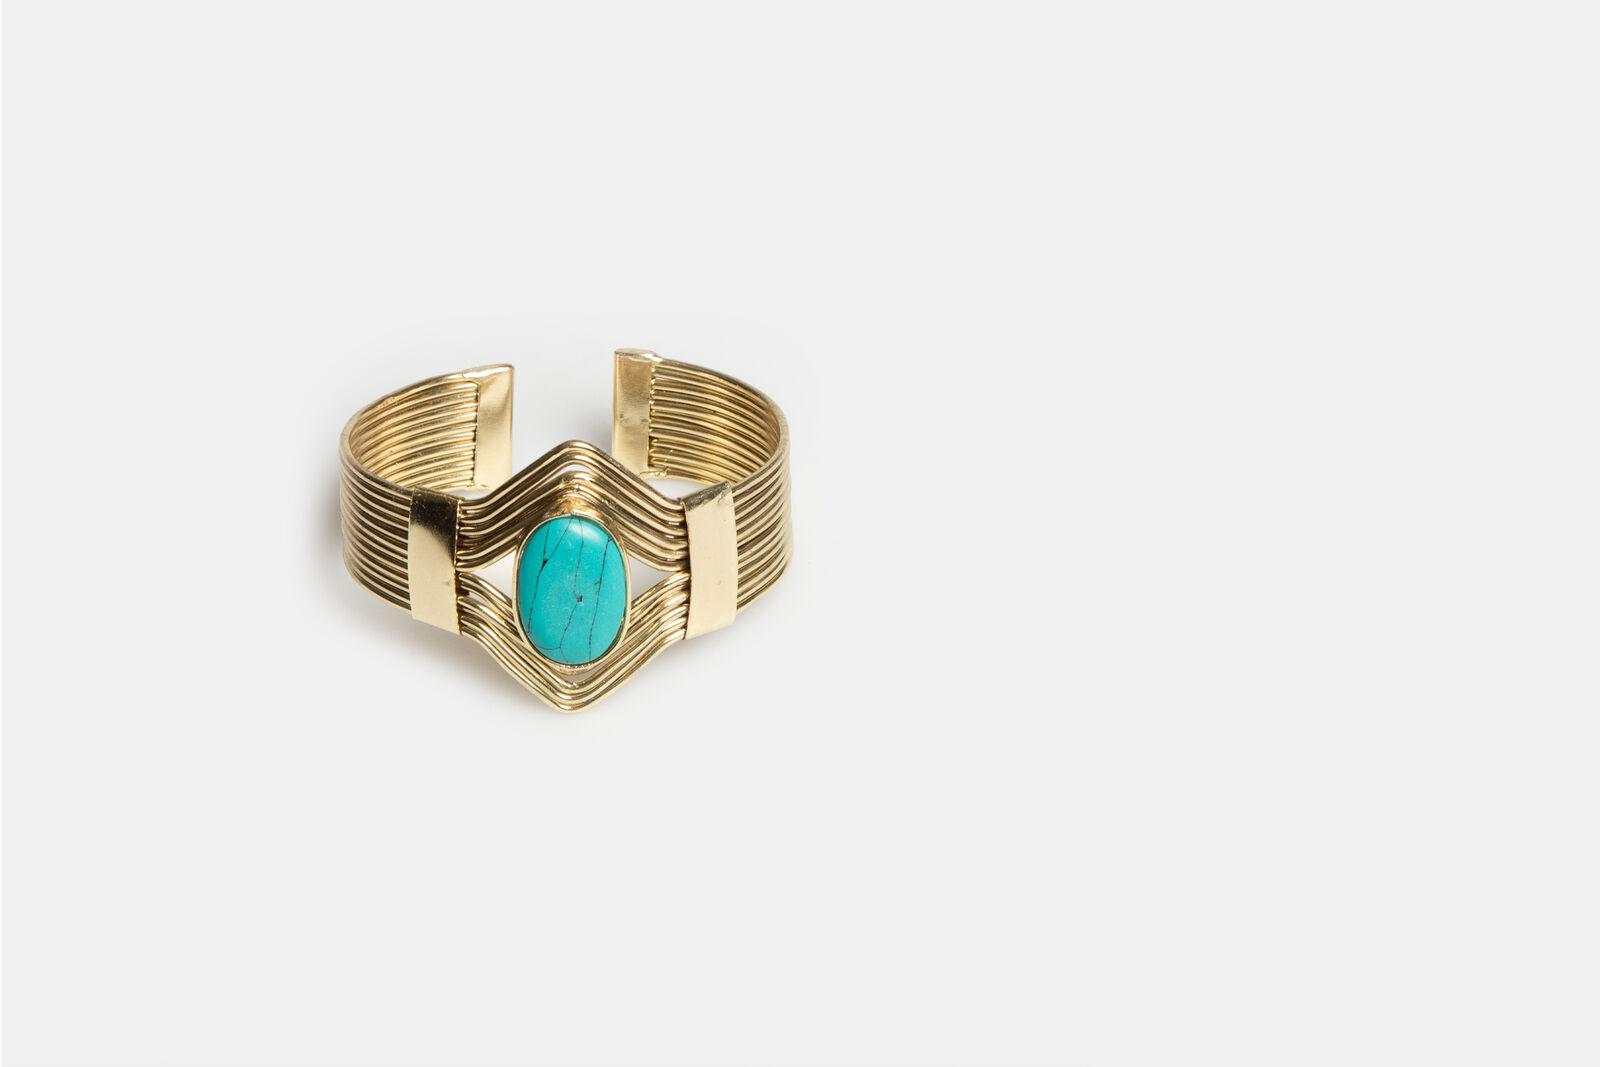 Turquoise Stone Armband